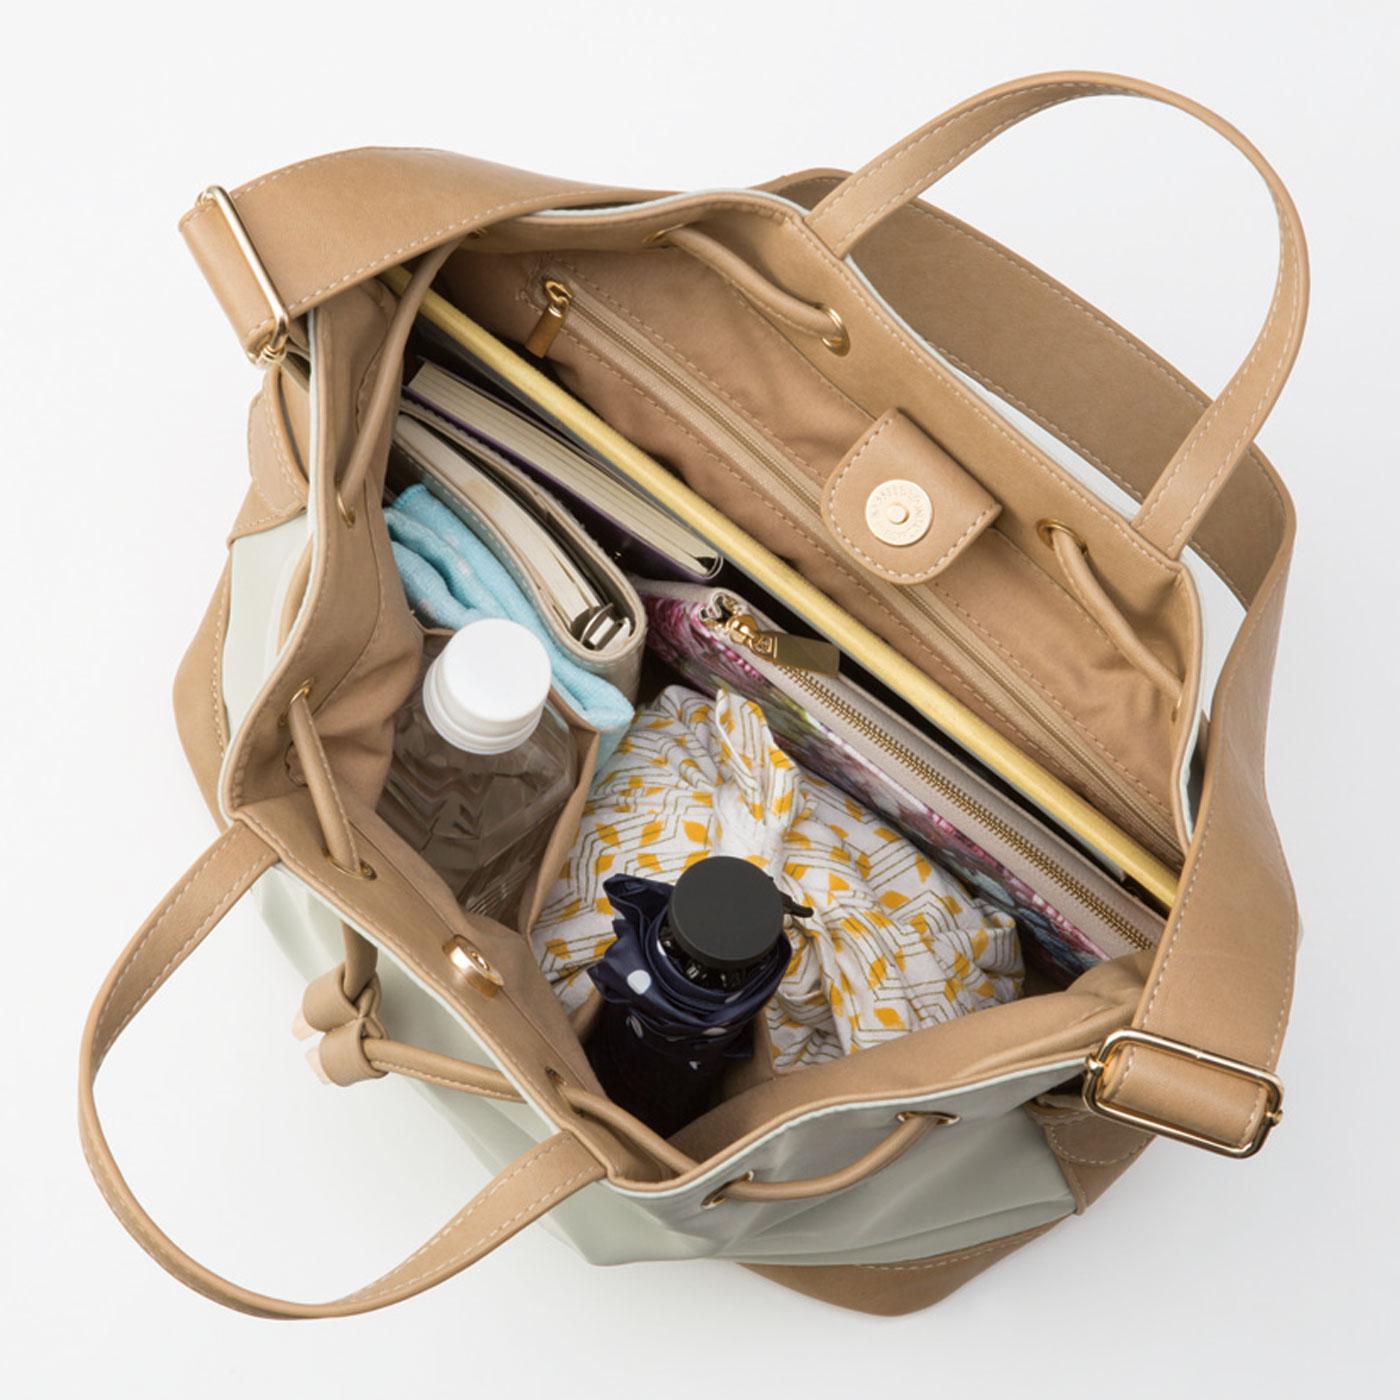 ペットボトルや水筒、折りたたみ傘を安定して入れられる大きめポケットふたつとファスナーポケット付き。